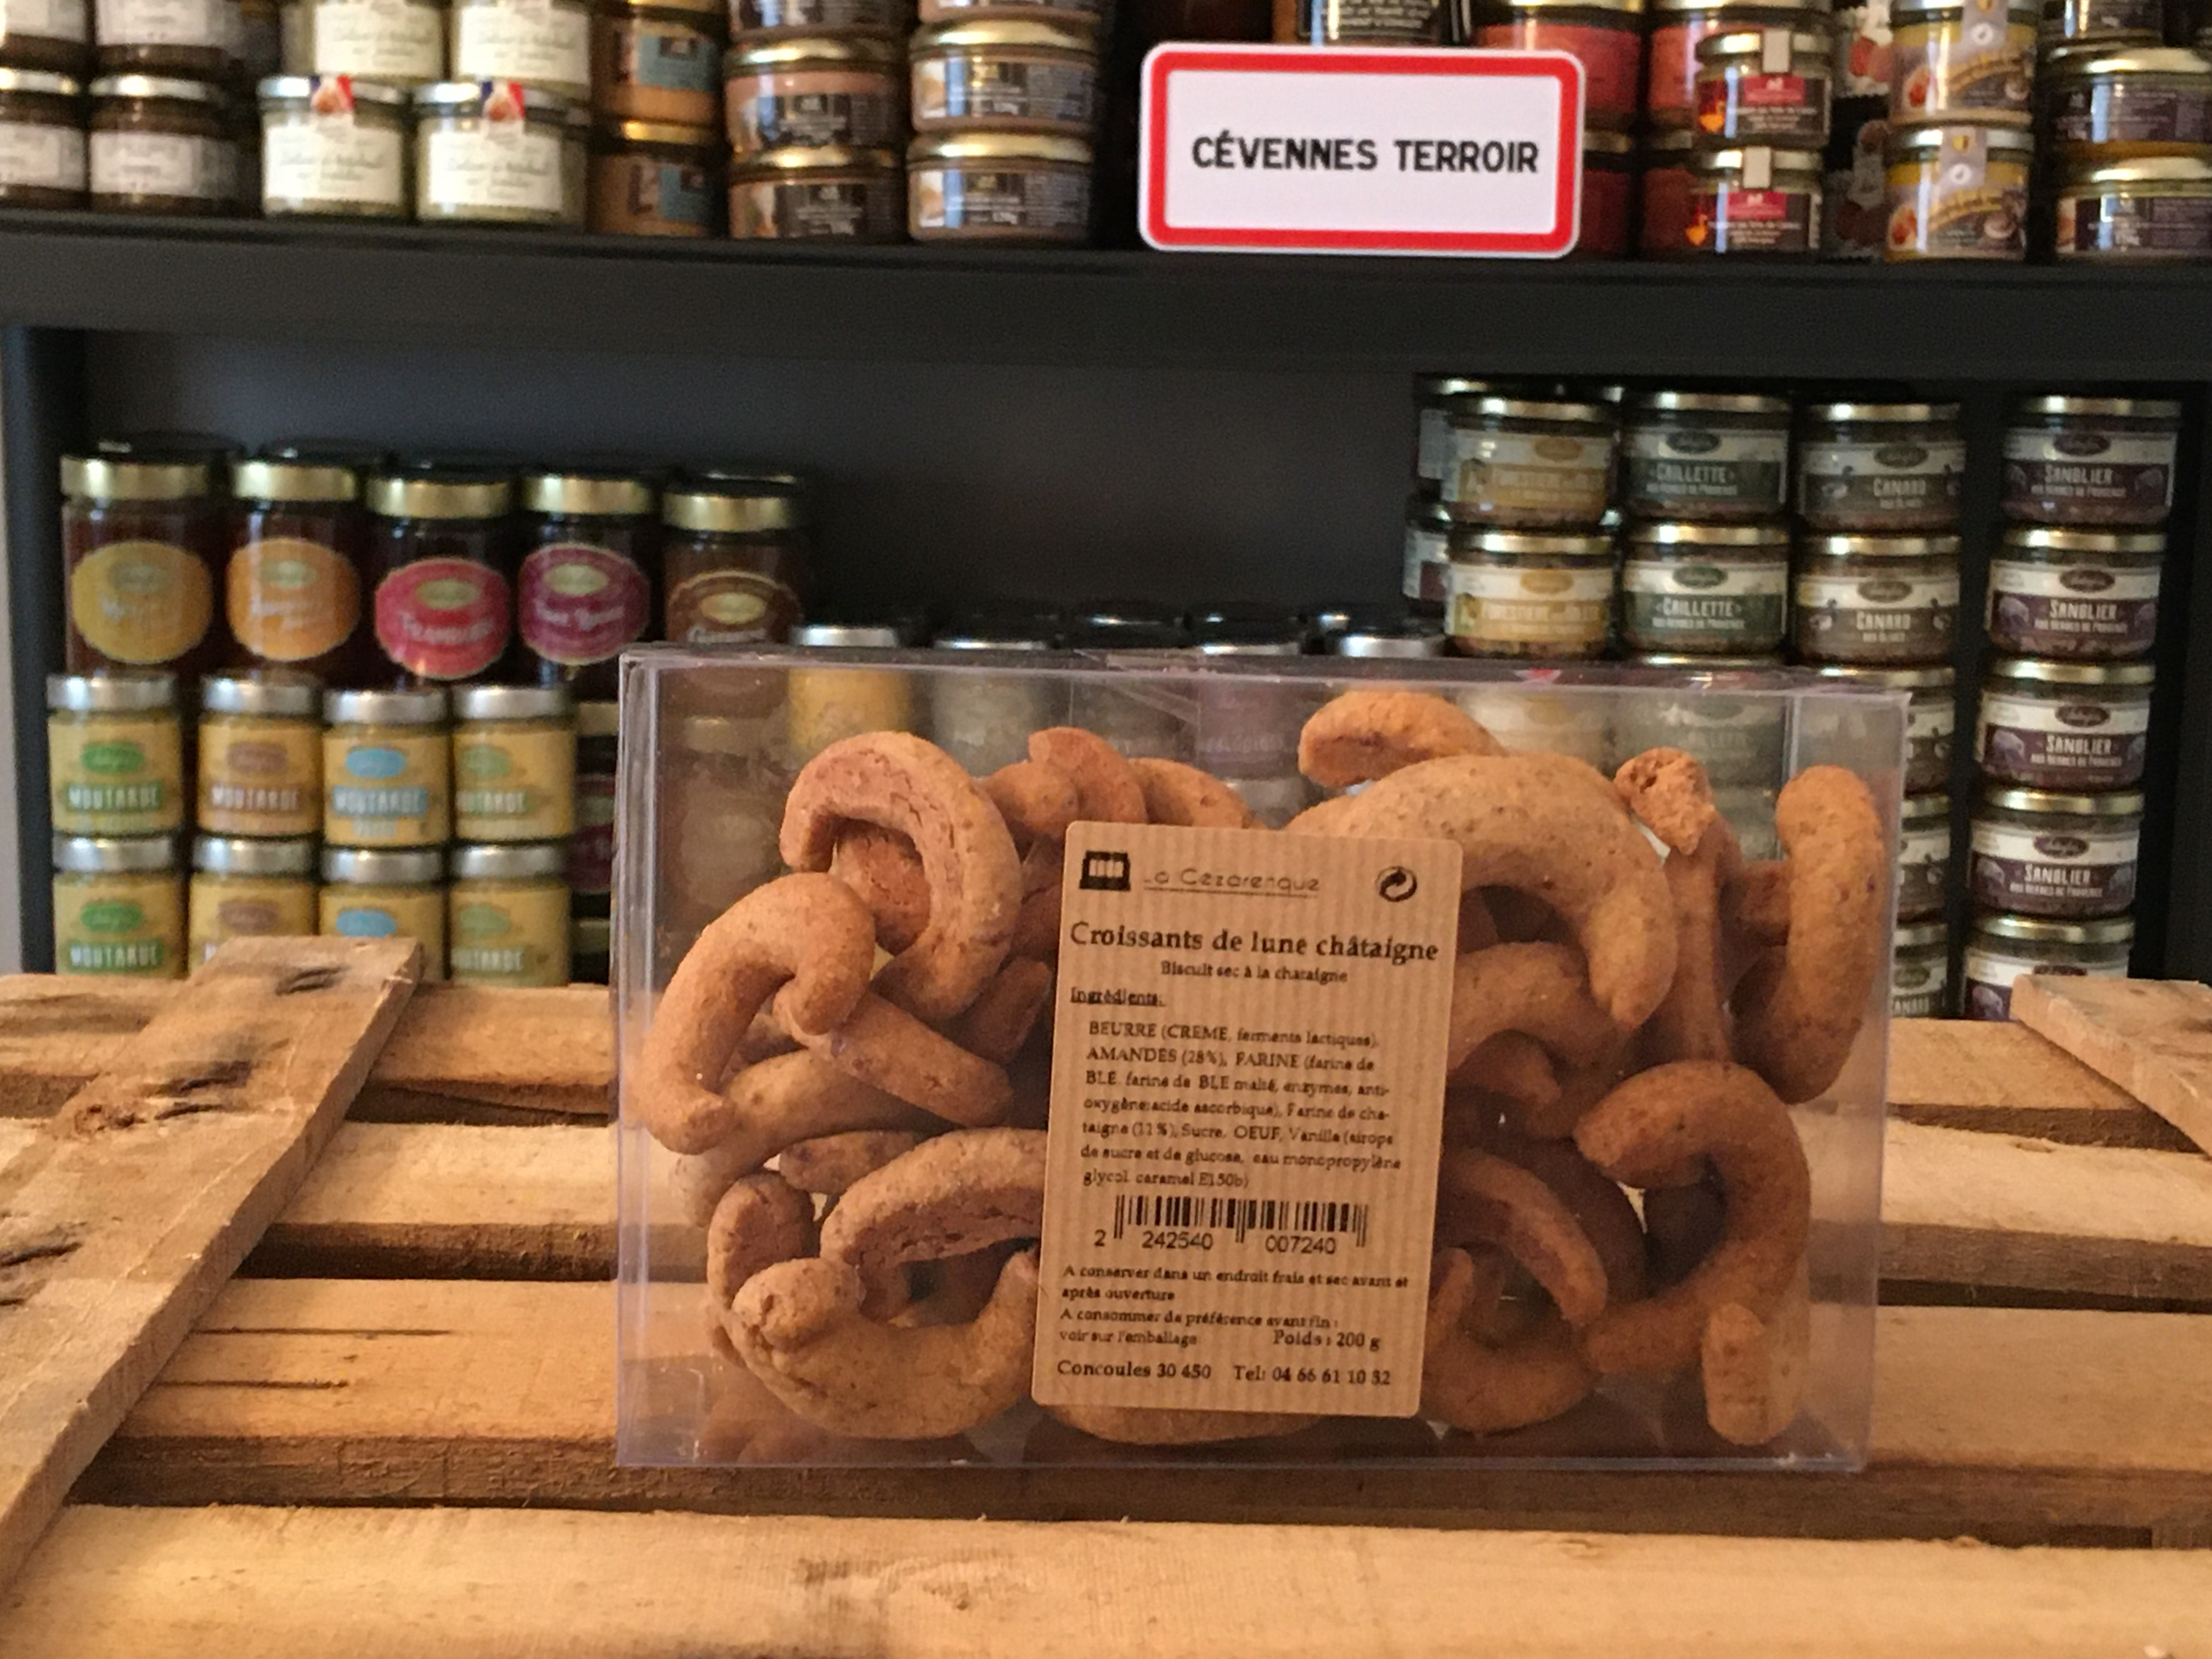 Biscuits Croissant chataignes 200g ESAT La Cézarenque en Cévennes Concoules